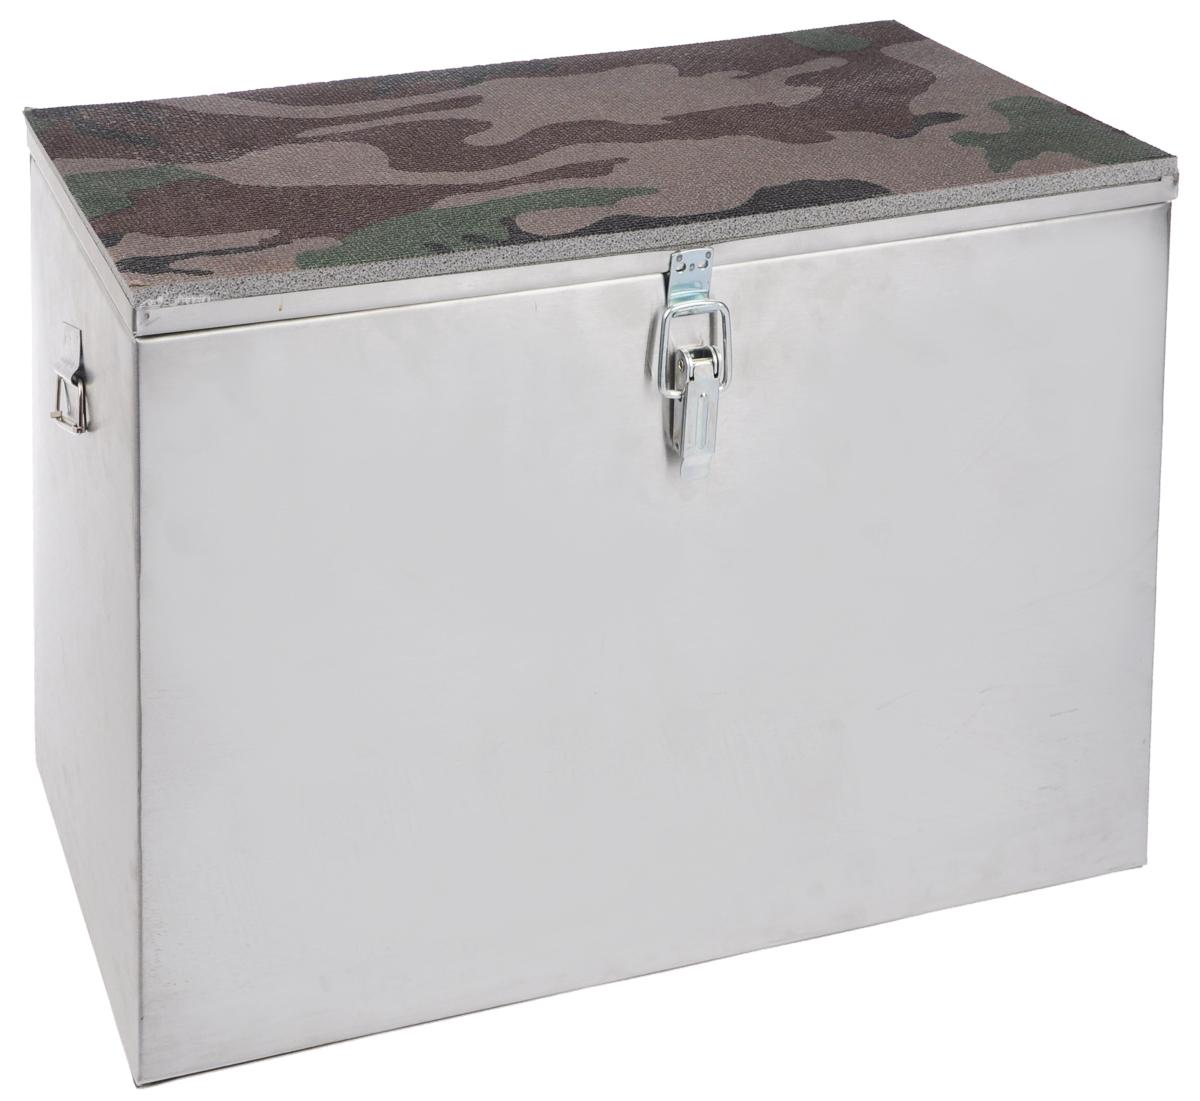 Ящик рыболова Рост, 40 см х 19 см х 29 см ящик рыболова рост 40 см х 19 см х 29 см 2447